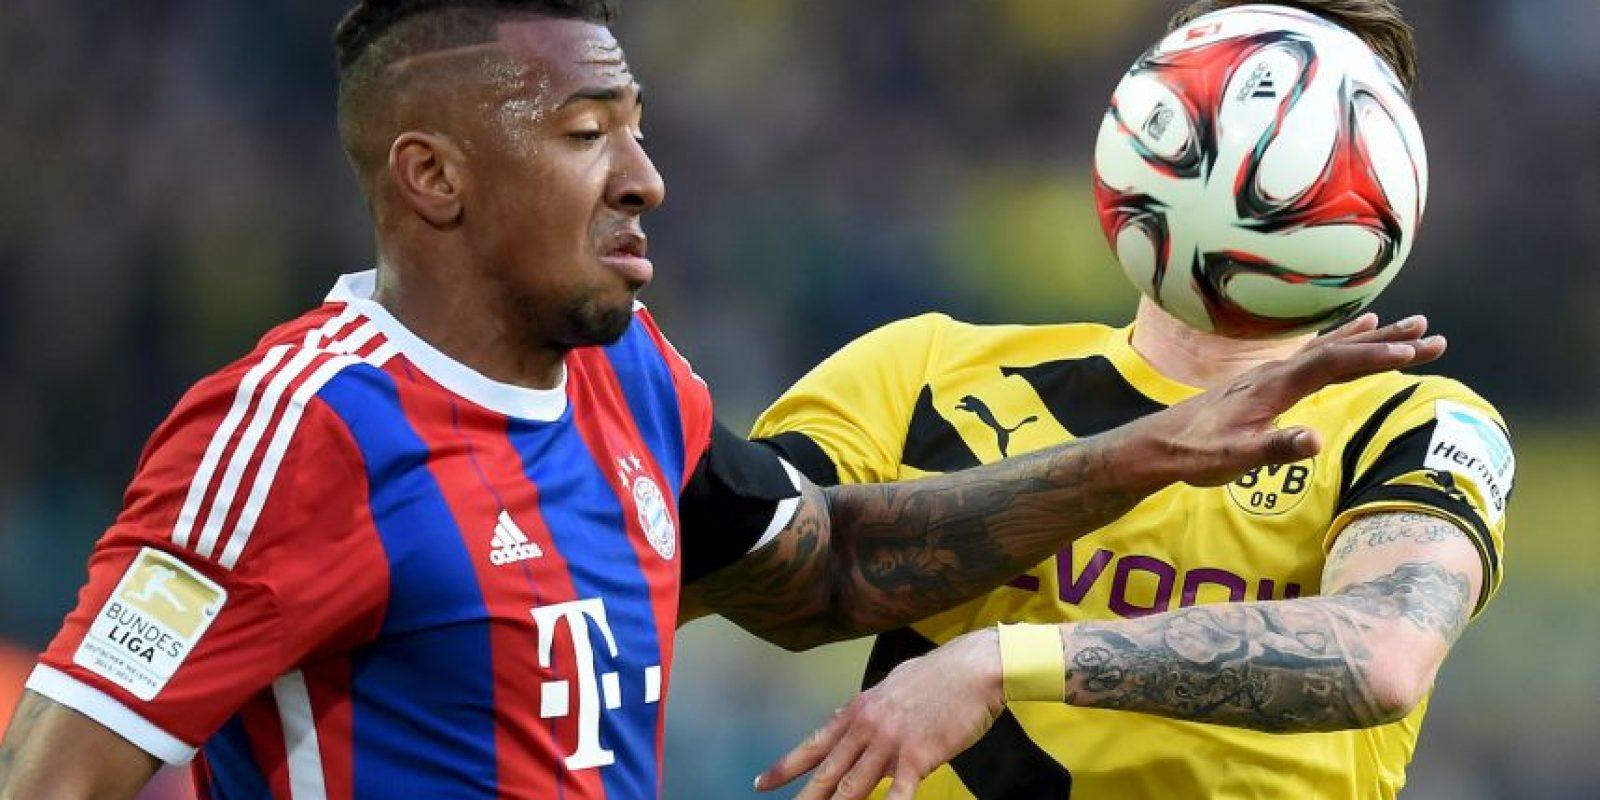 El alemán vale 40 millones de euros Foto:Getty Images